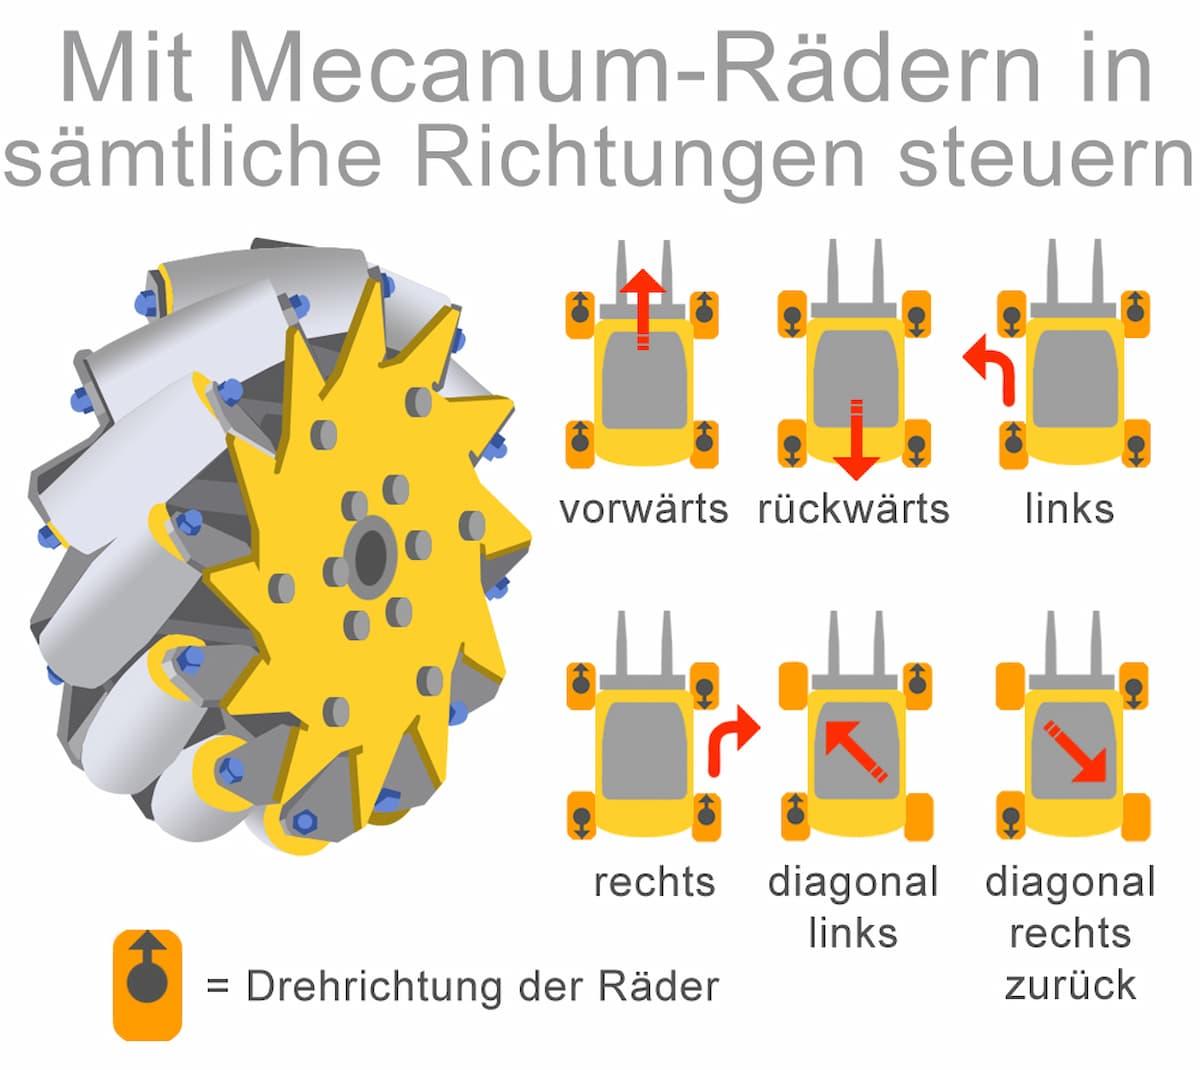 Mit Mecanum-Rädern in sämtliche Richtungen steuern